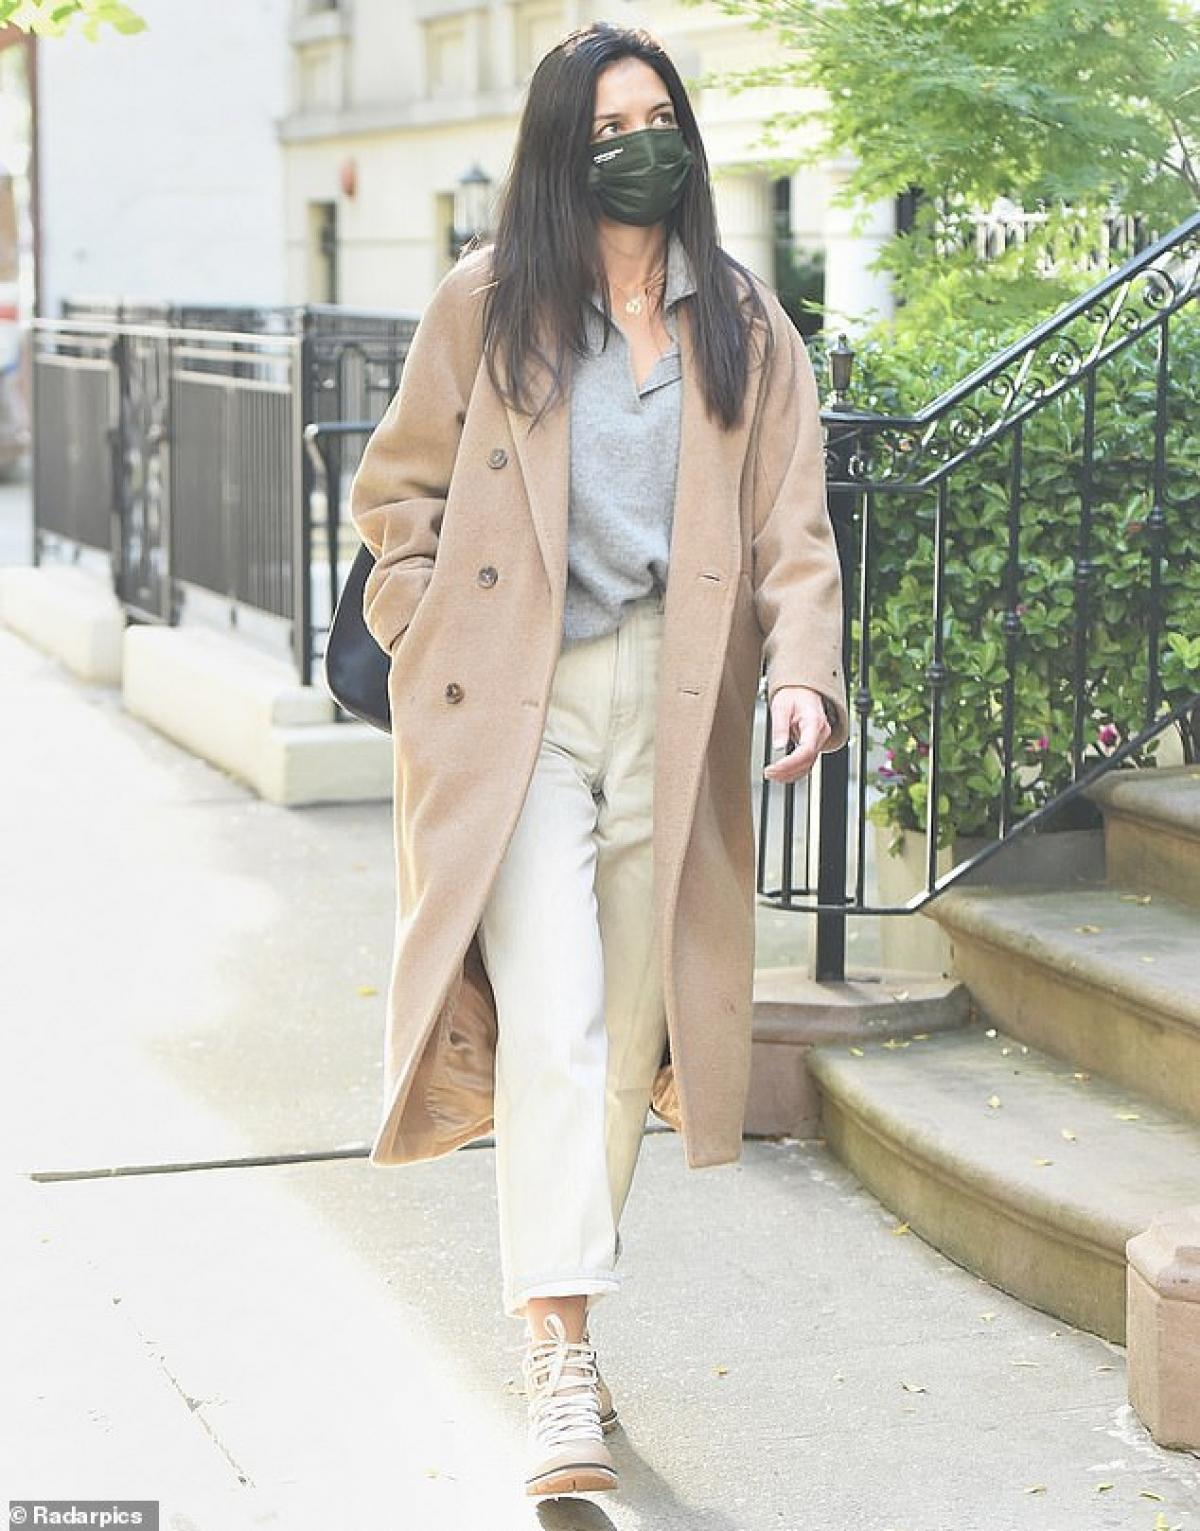 Cô buông xõa tóc, mặc đồ xuề xòa ra phố mà không có bạn trai Emilio Vitolo Jr đi cùng.